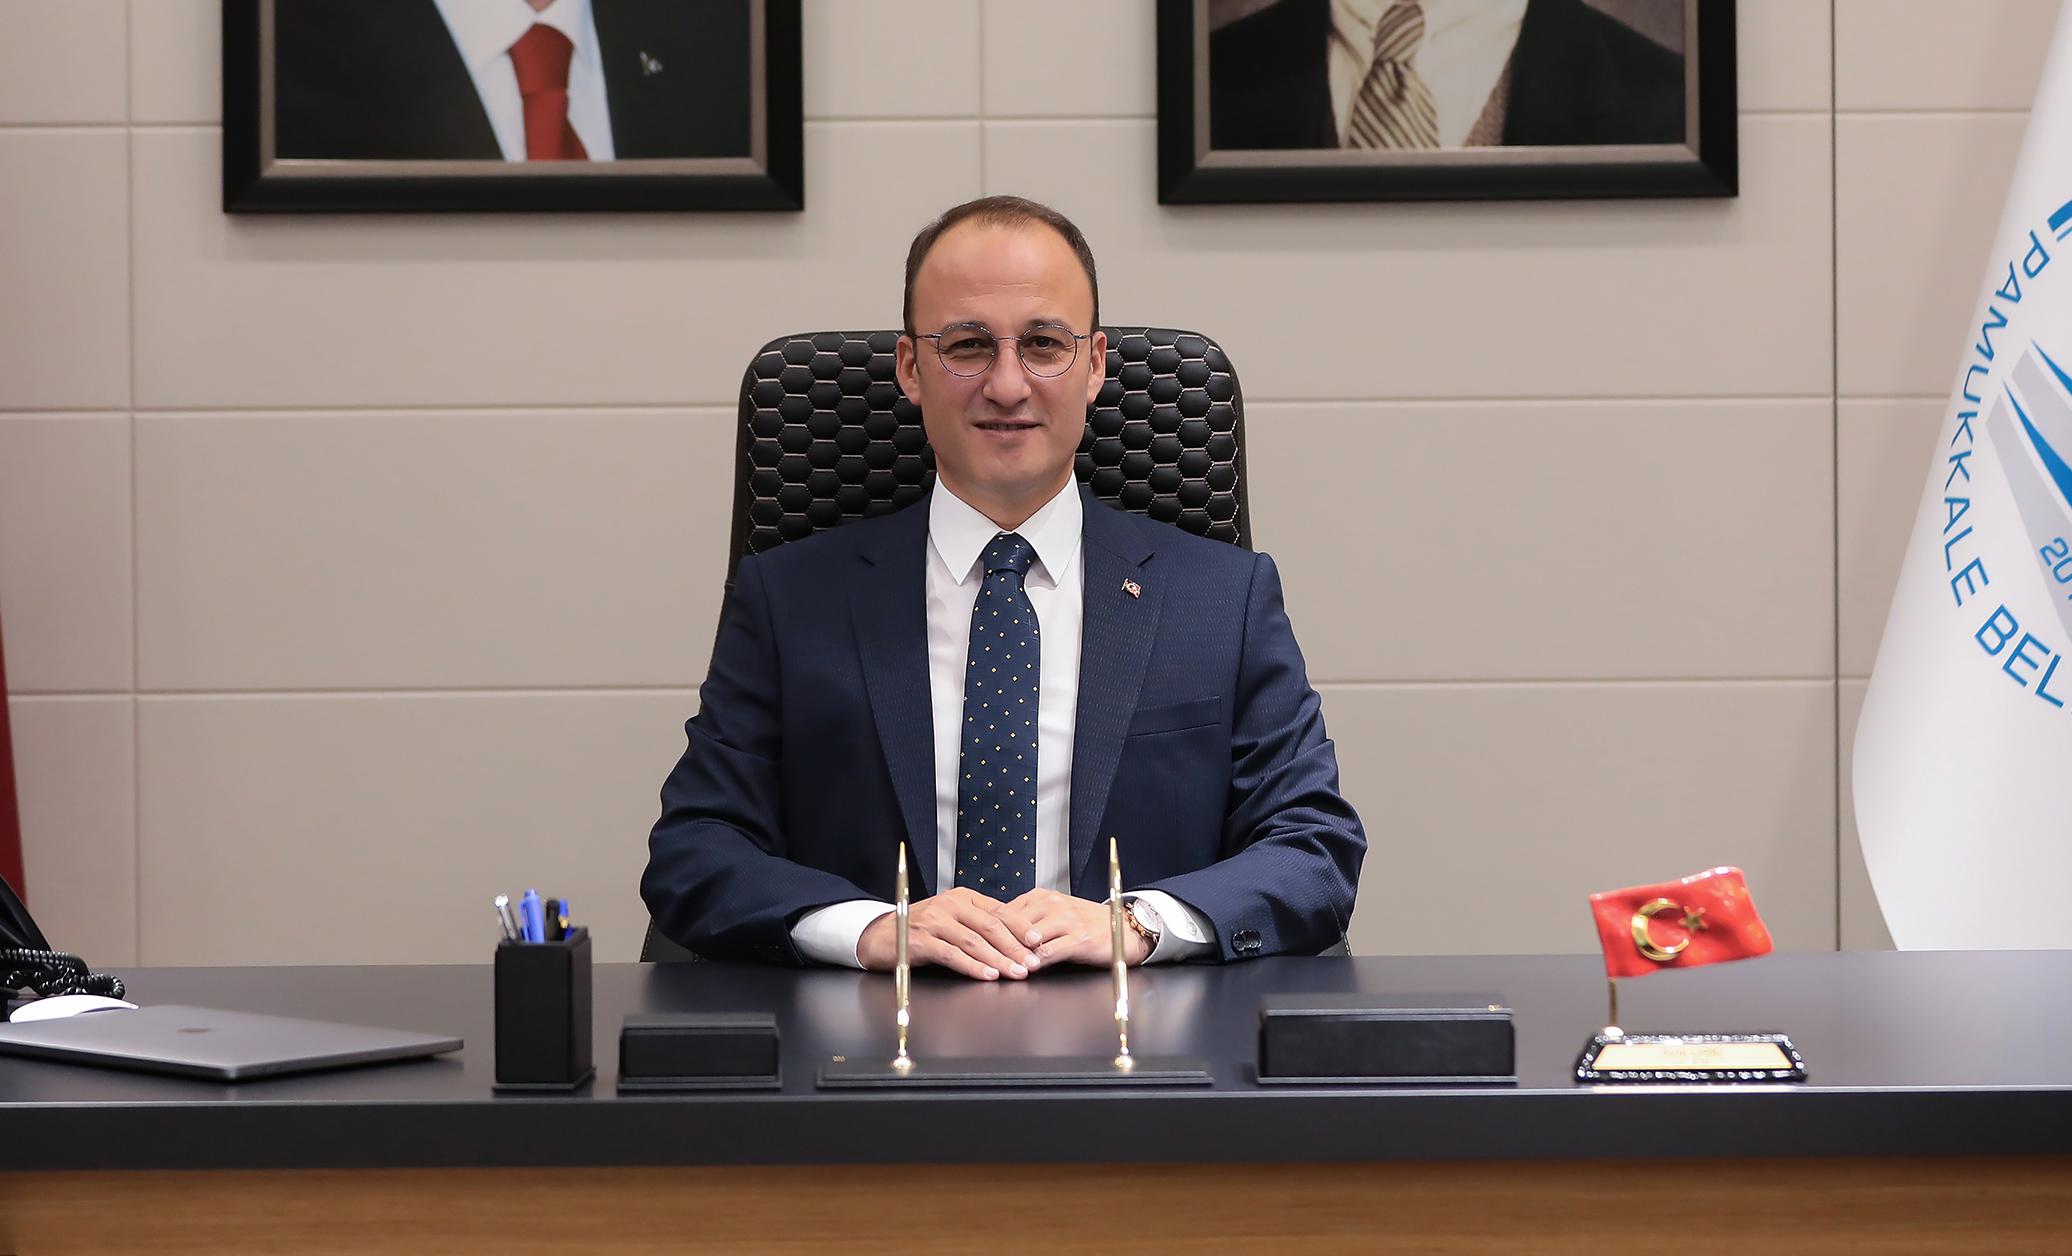 Başkan Örki'den 29 Ekim Cumhuriyet Bayramı mesajı